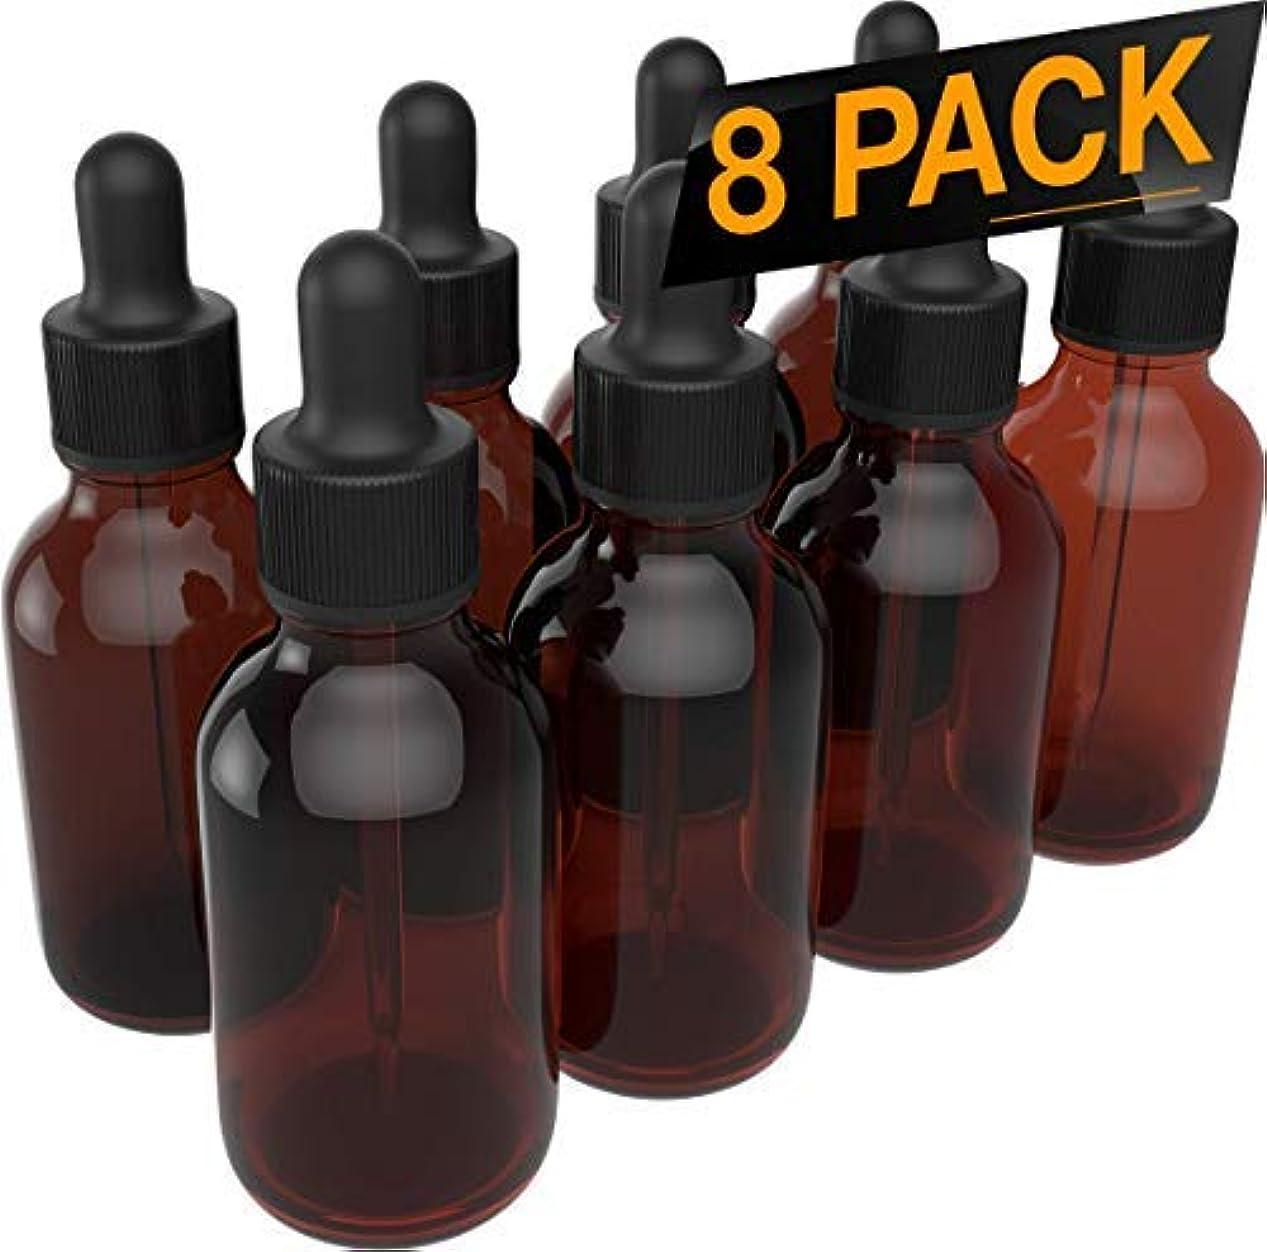 頭蓋骨皮肉な夫8 Pack Essential Oil Dropper Bottles - Round Boston Empty Refillable Amber Bottle with Glass Dropper for Liquid...